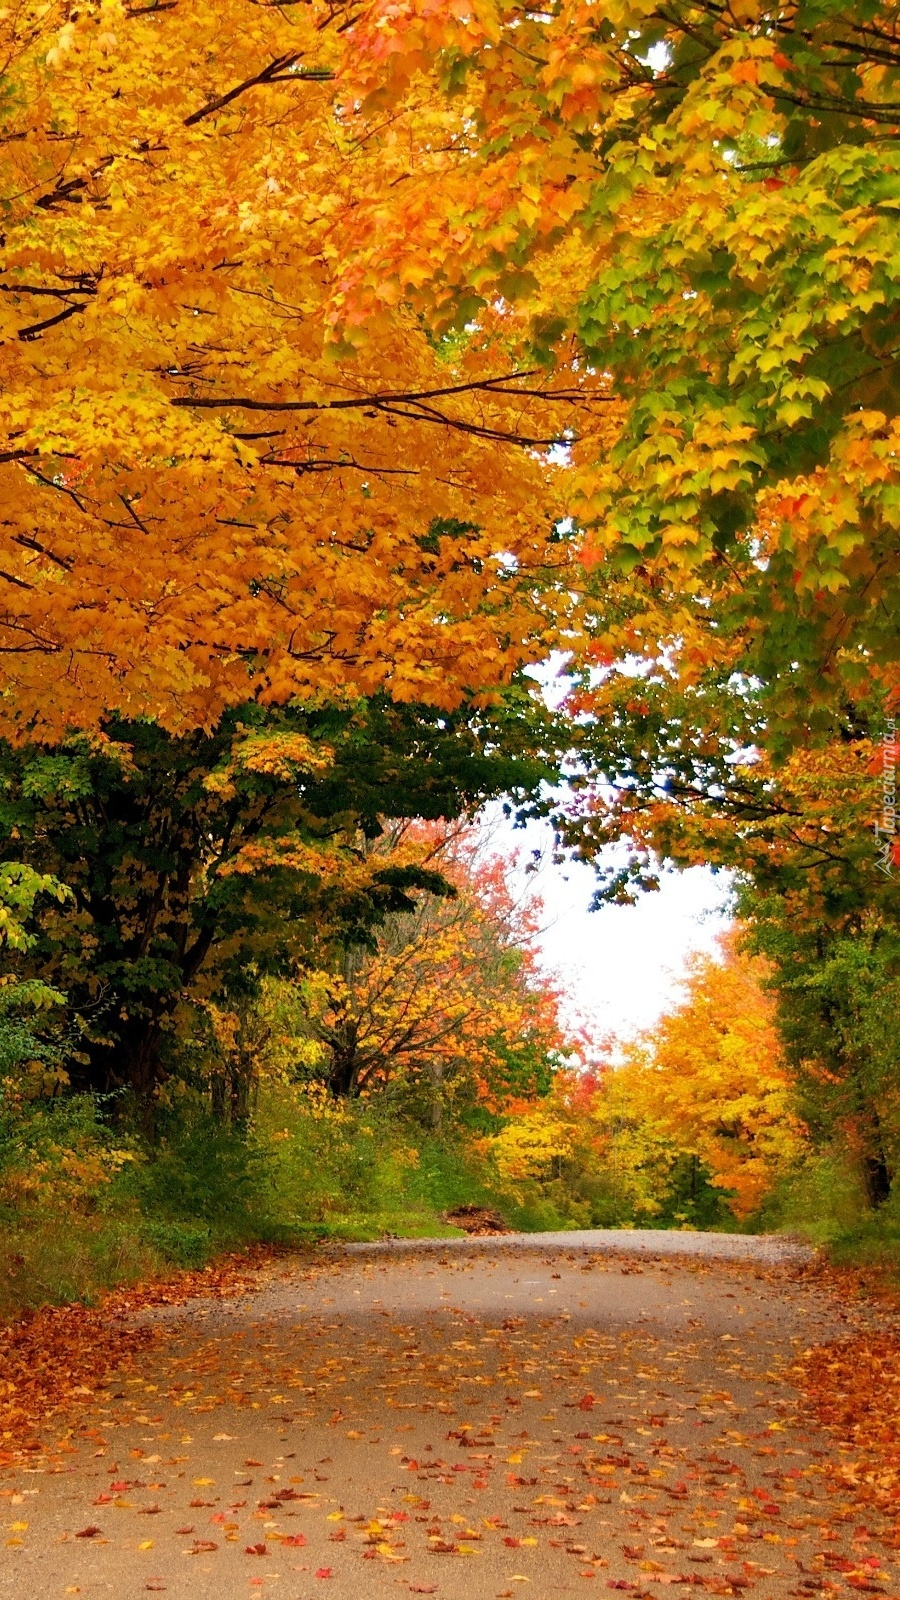 Droga wśród jesiennych drzew